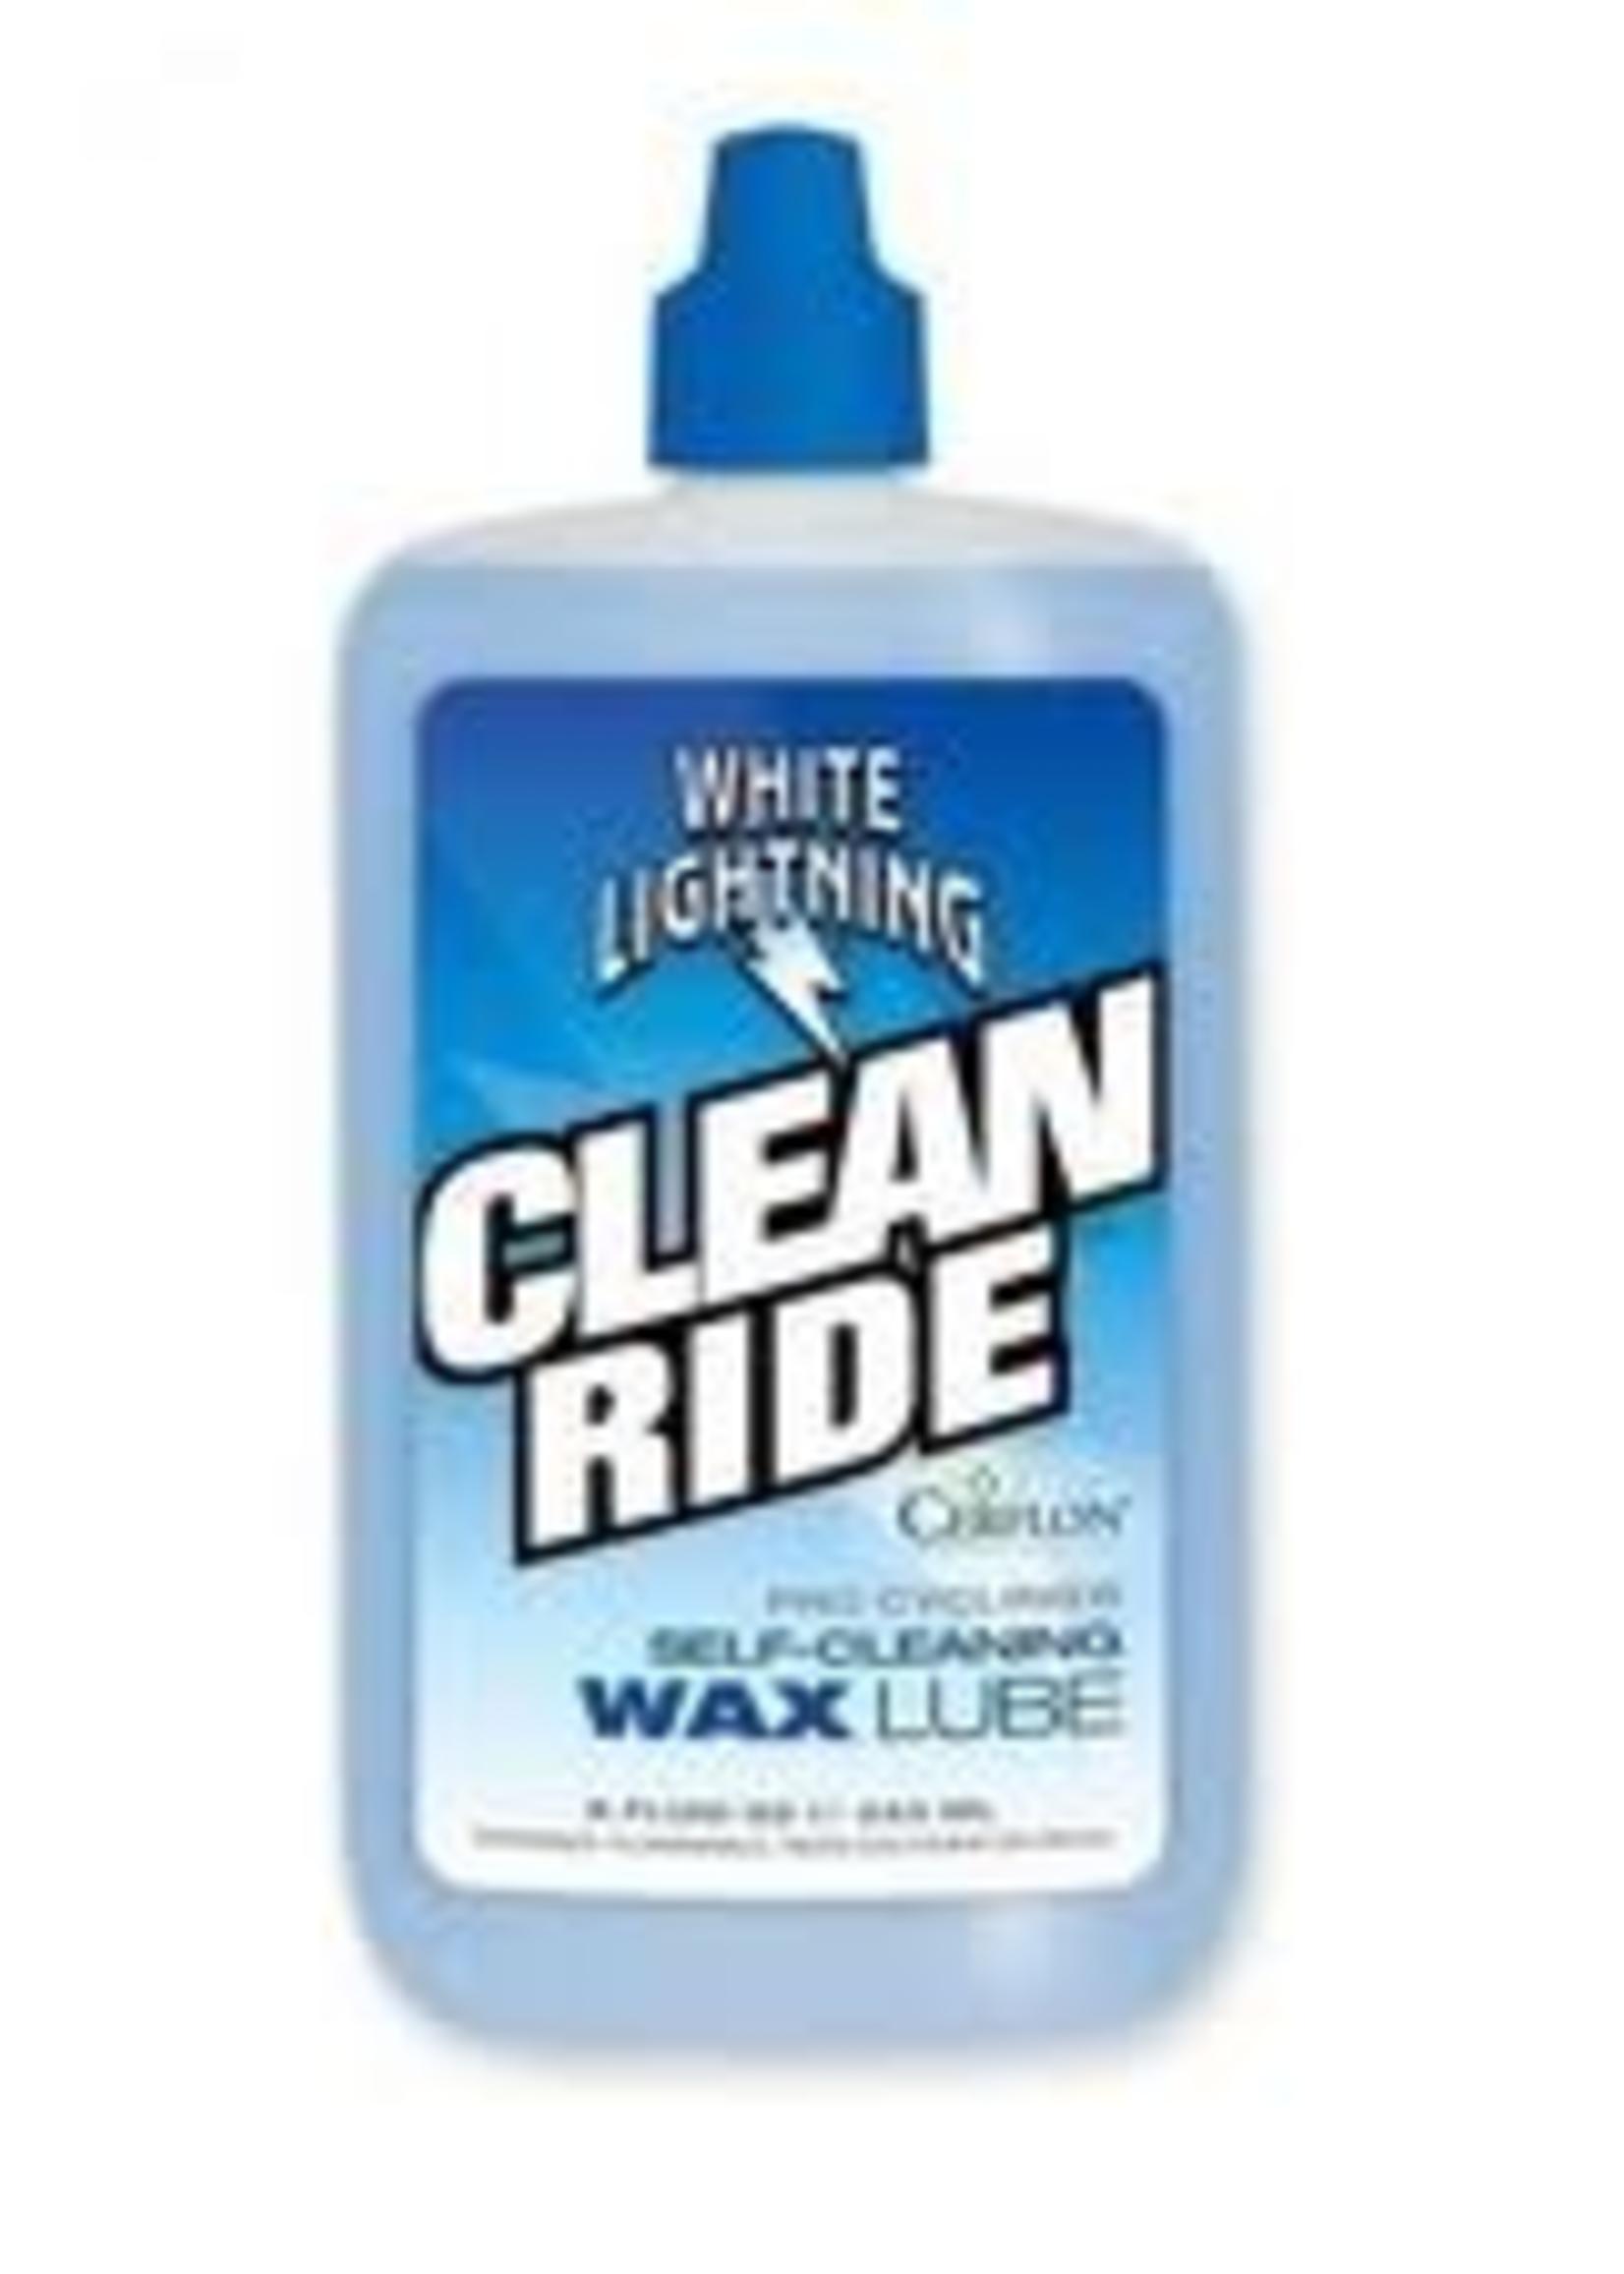 White Lightening WHITE LIGHTNING CLEAN RIDE 8 OZ 240ML